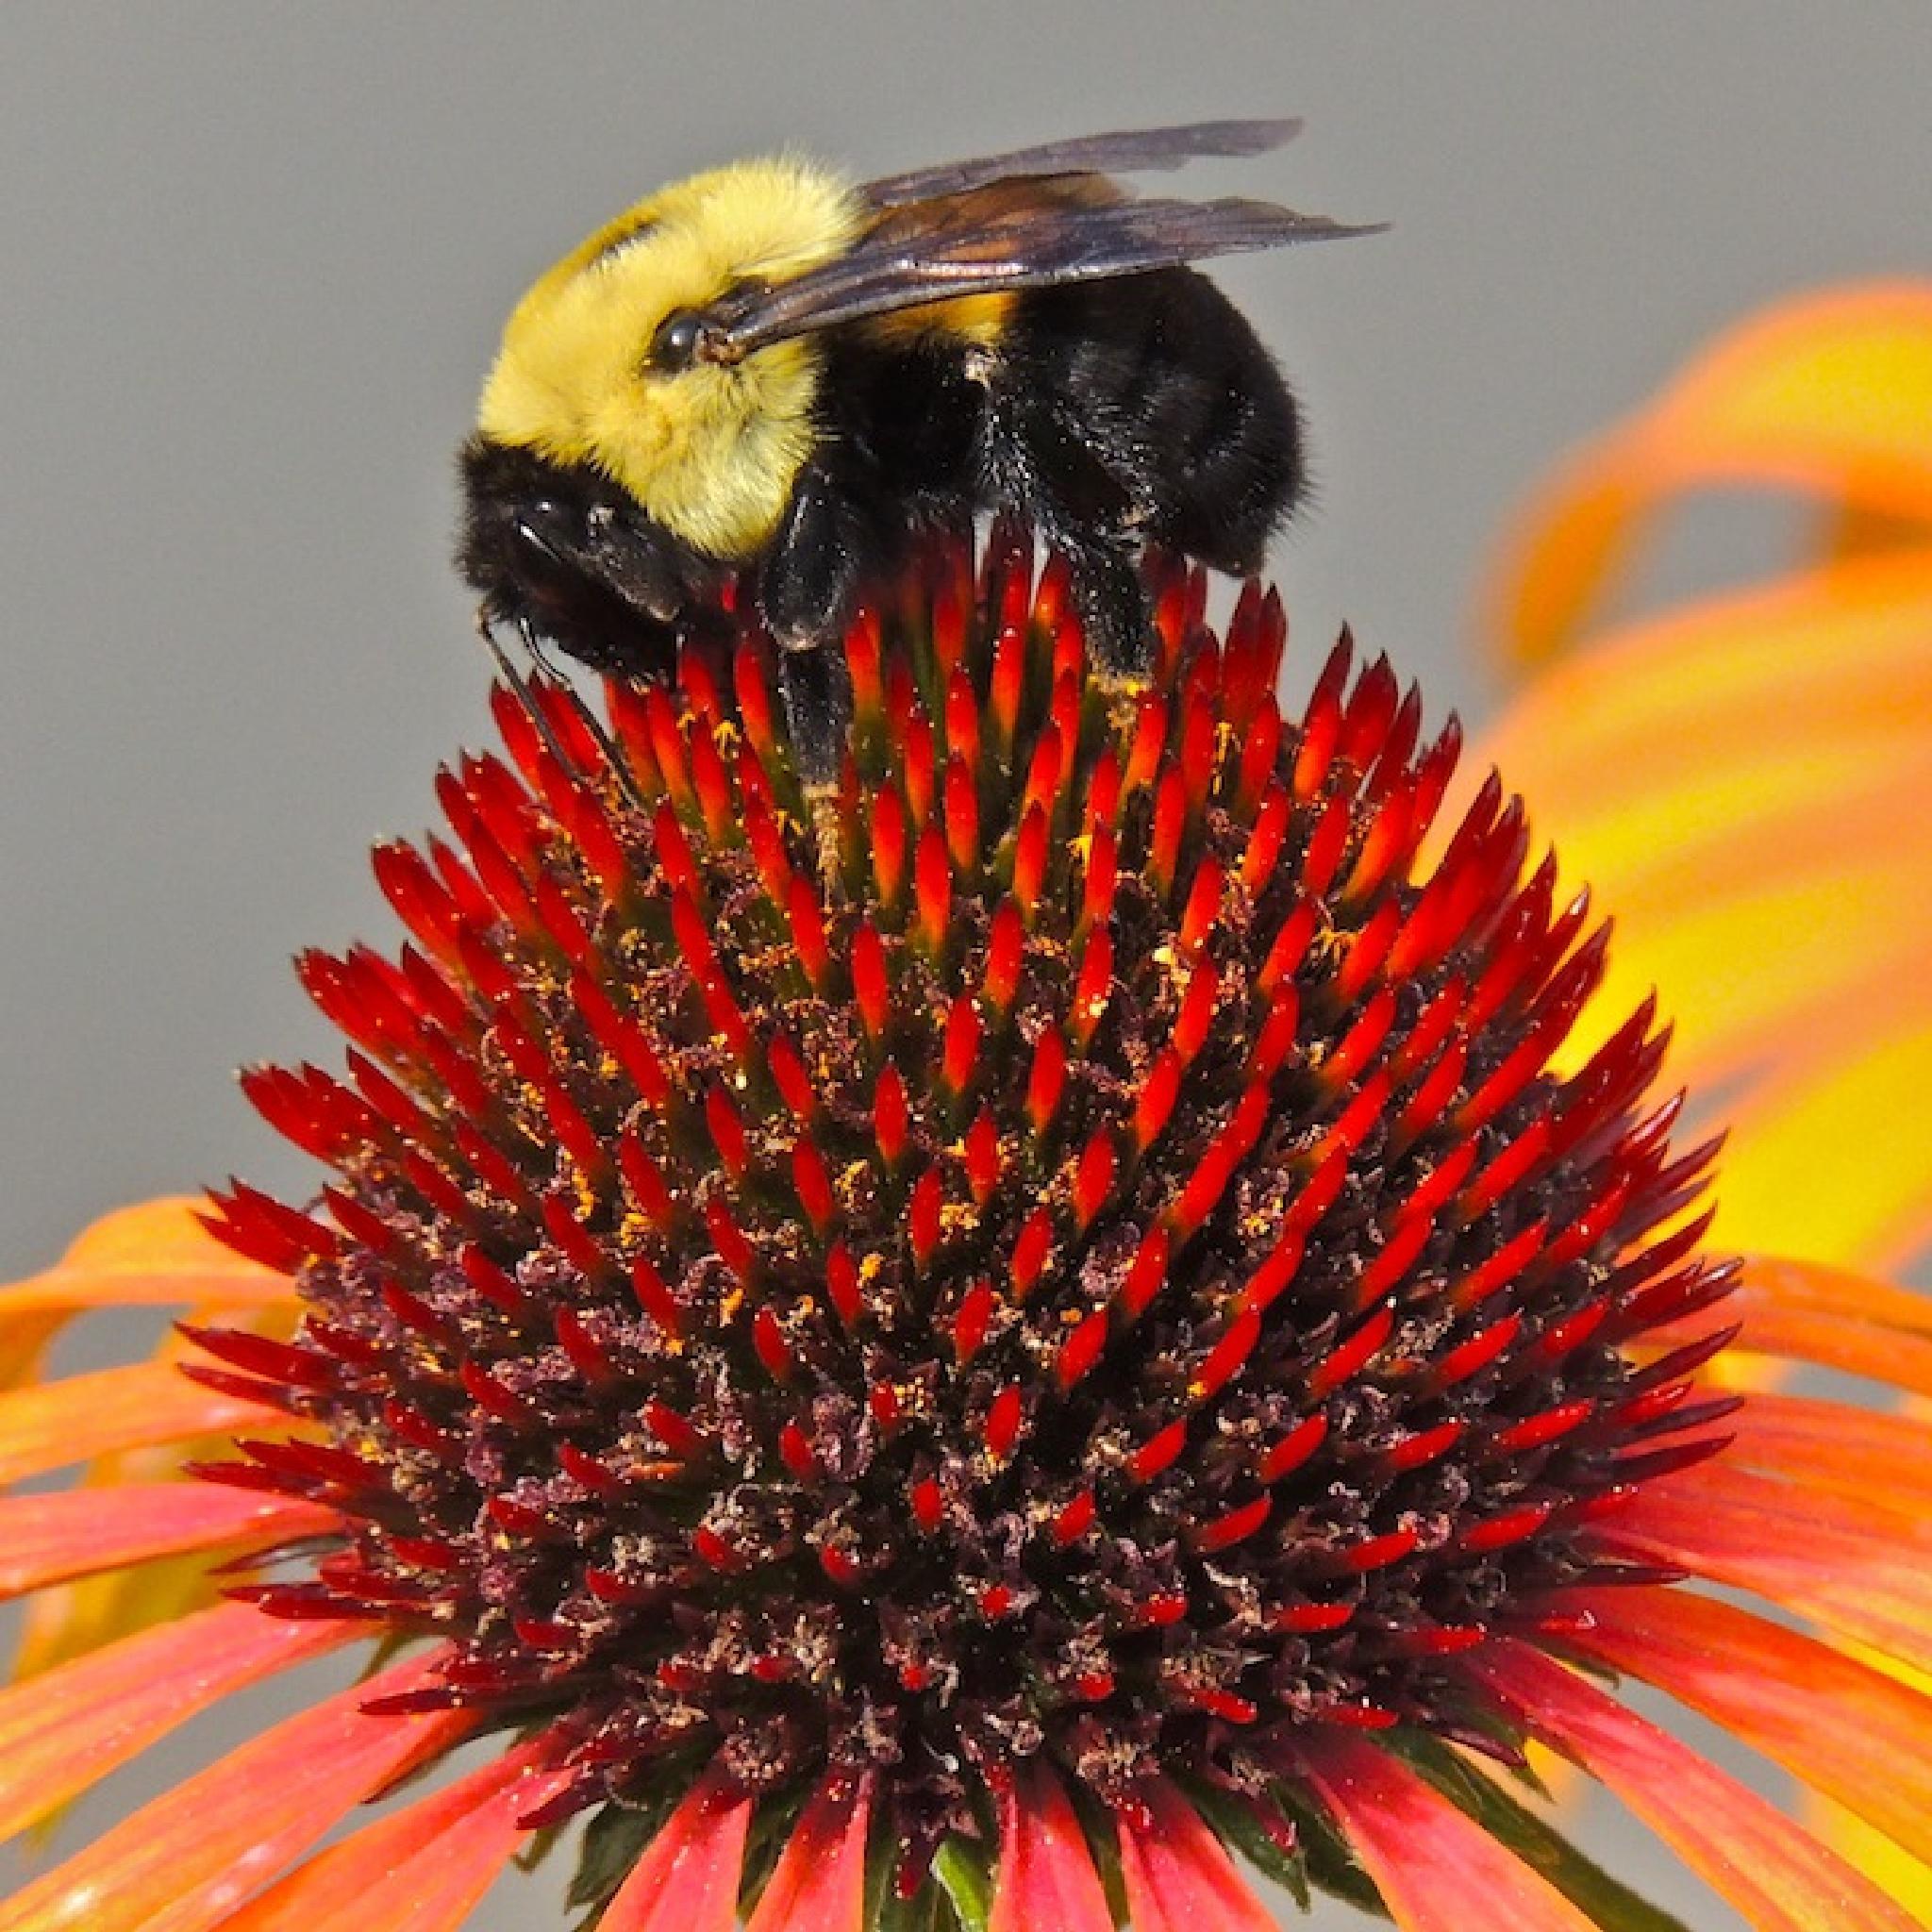 Queen Bee by Eve